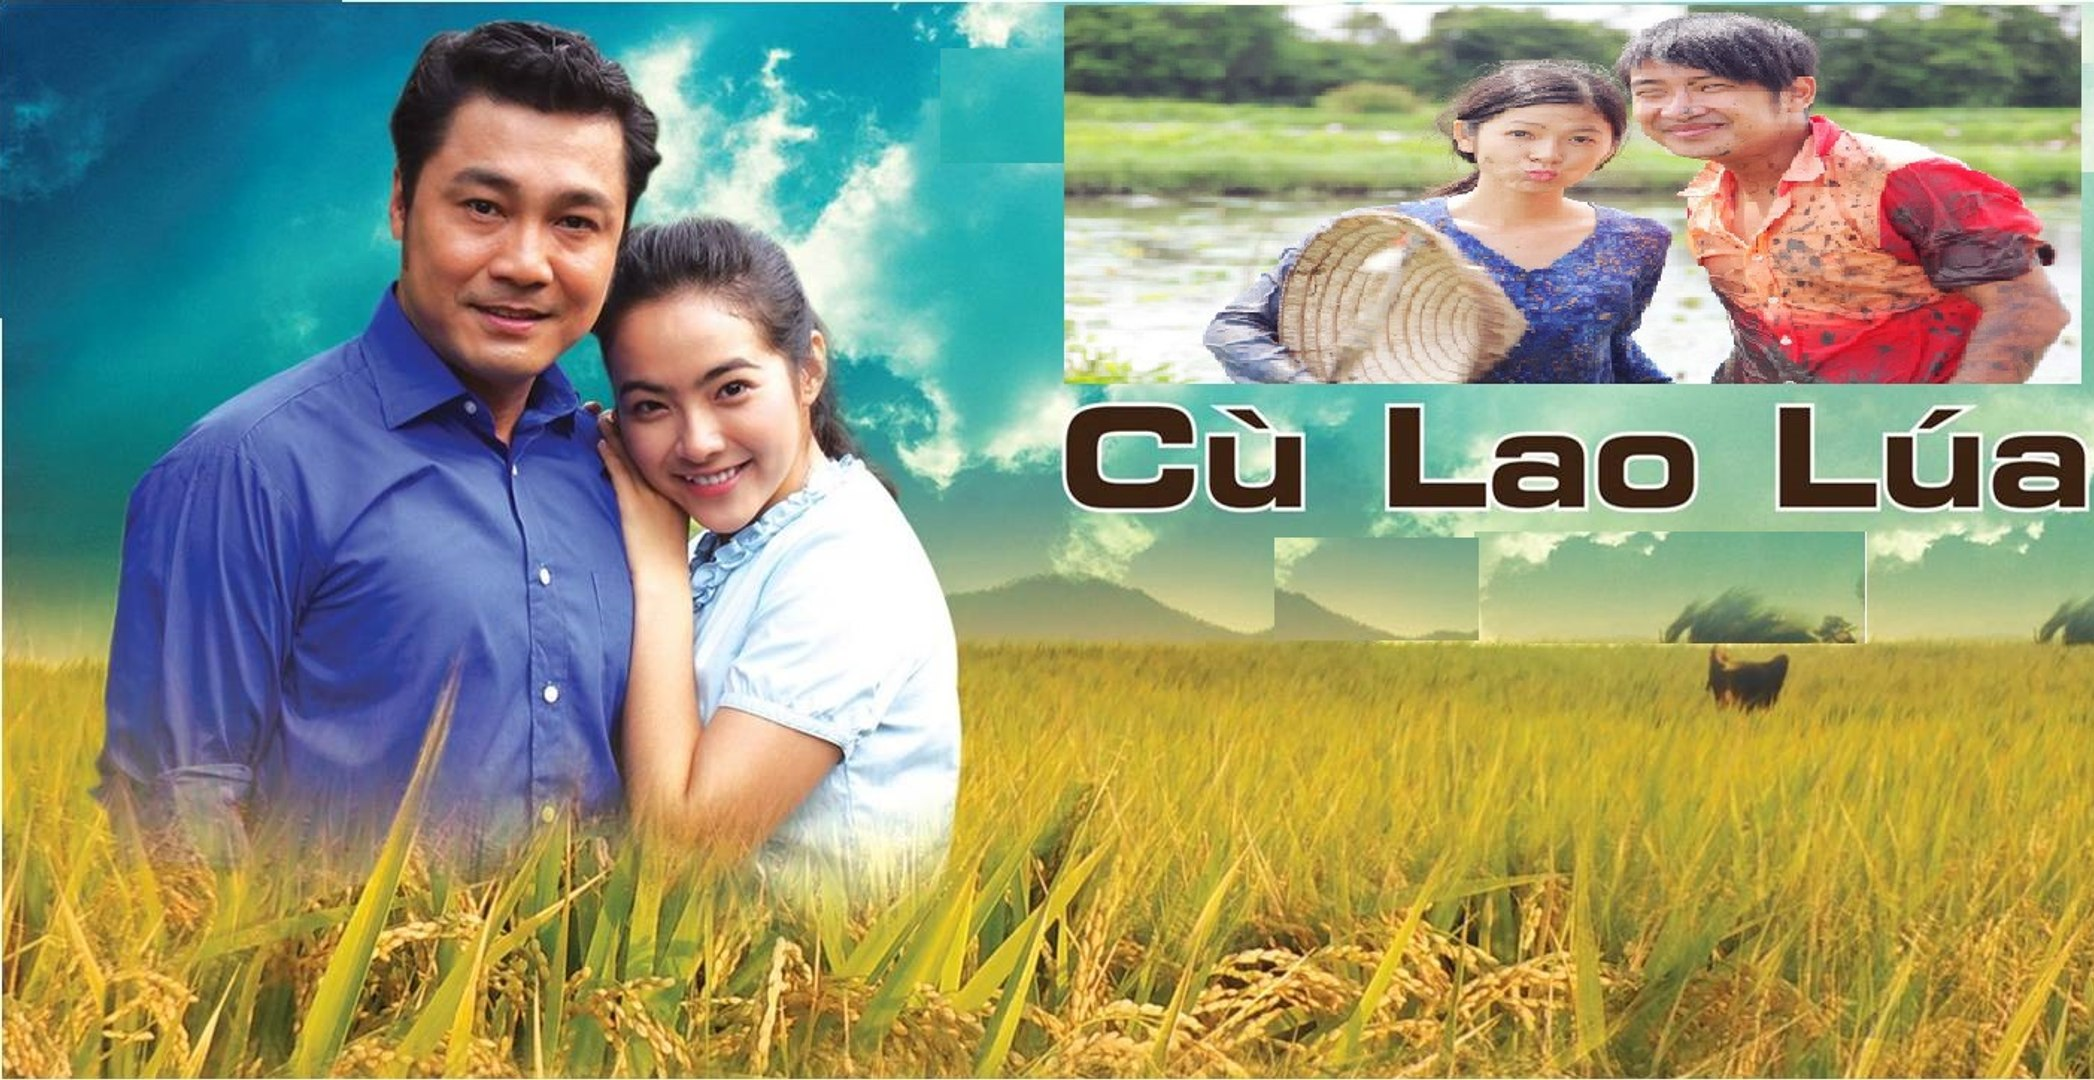 Phim Cù Lao Lúa Tập 4 - Phim Việt Nam - Phim Mới